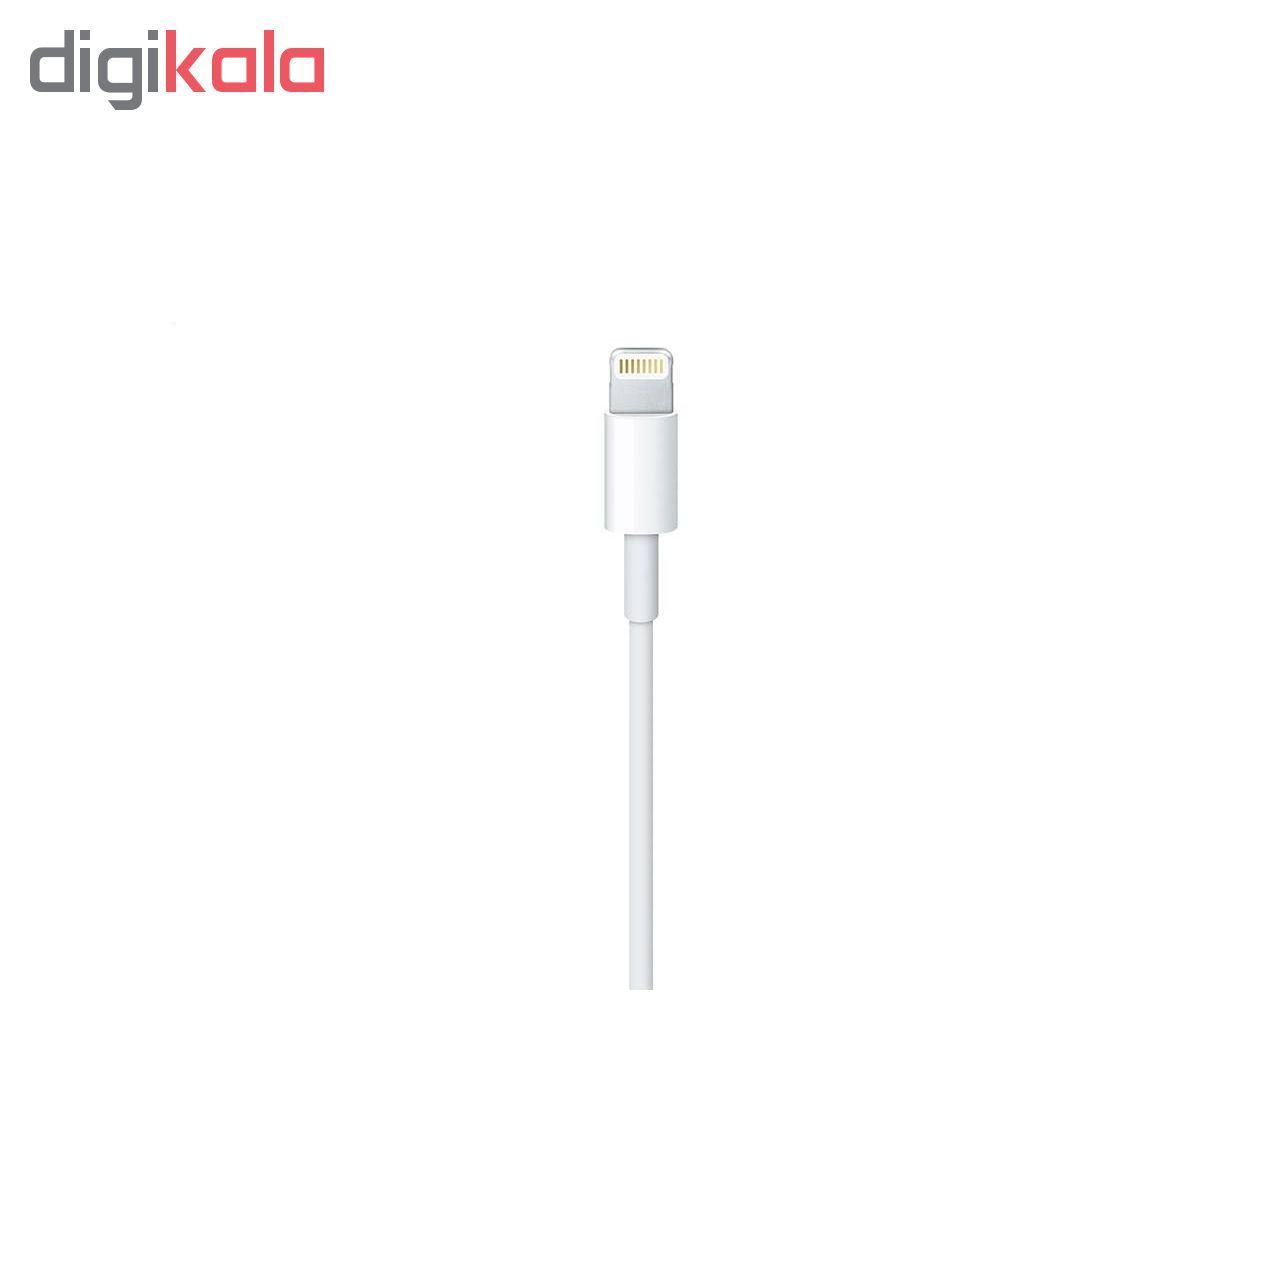 کابل تبدیل USB به لایتنینگ مدل MQUE طول 1 متر main 1 1